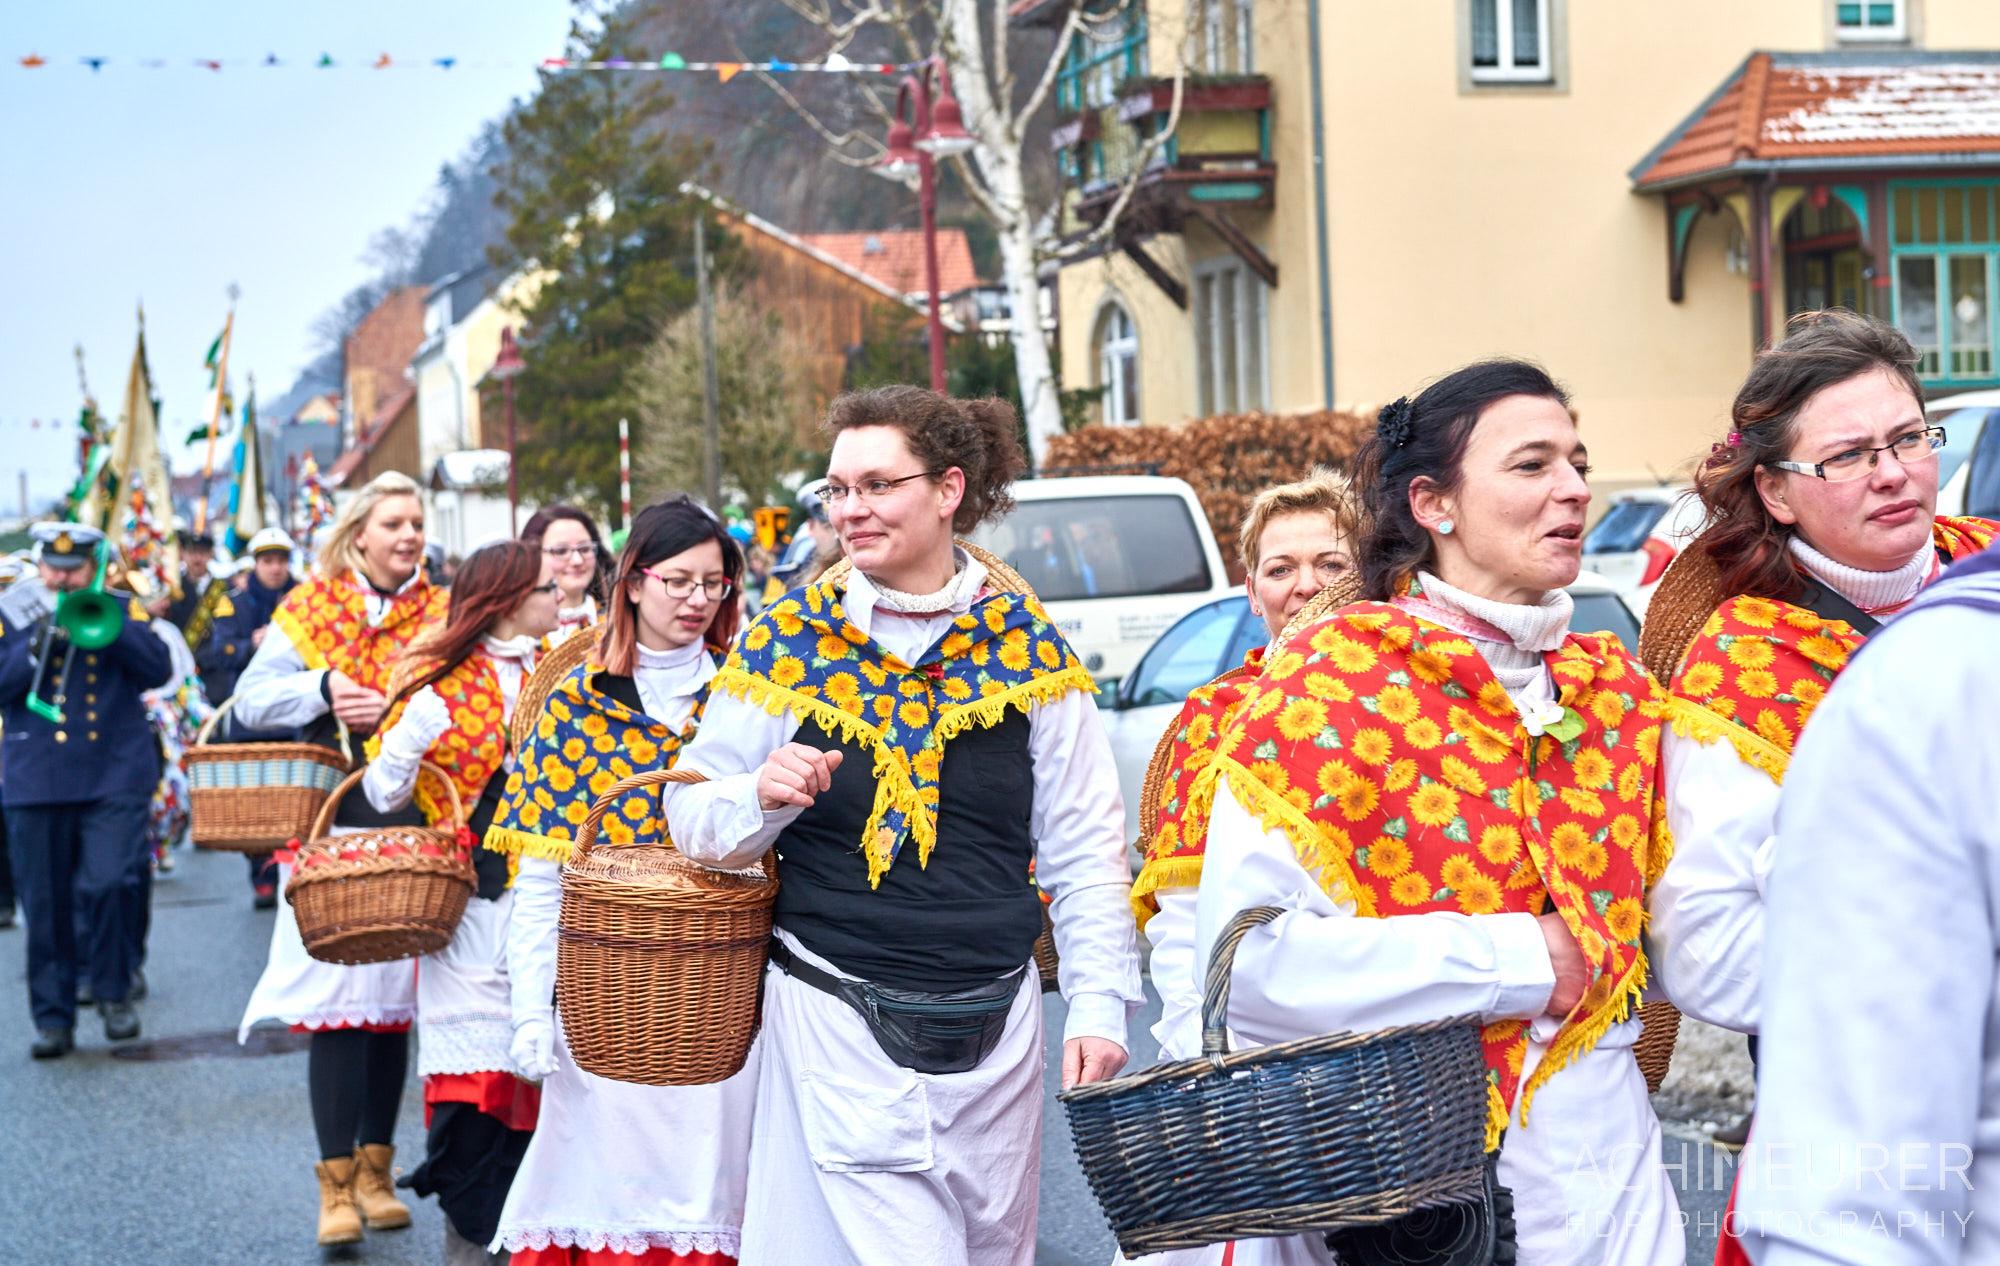 Schifferfastnacht-Postelwitz-Bad-Schandau-Saechsische-Schweiz-Sachsen_9995 by AchimMeurer.com .